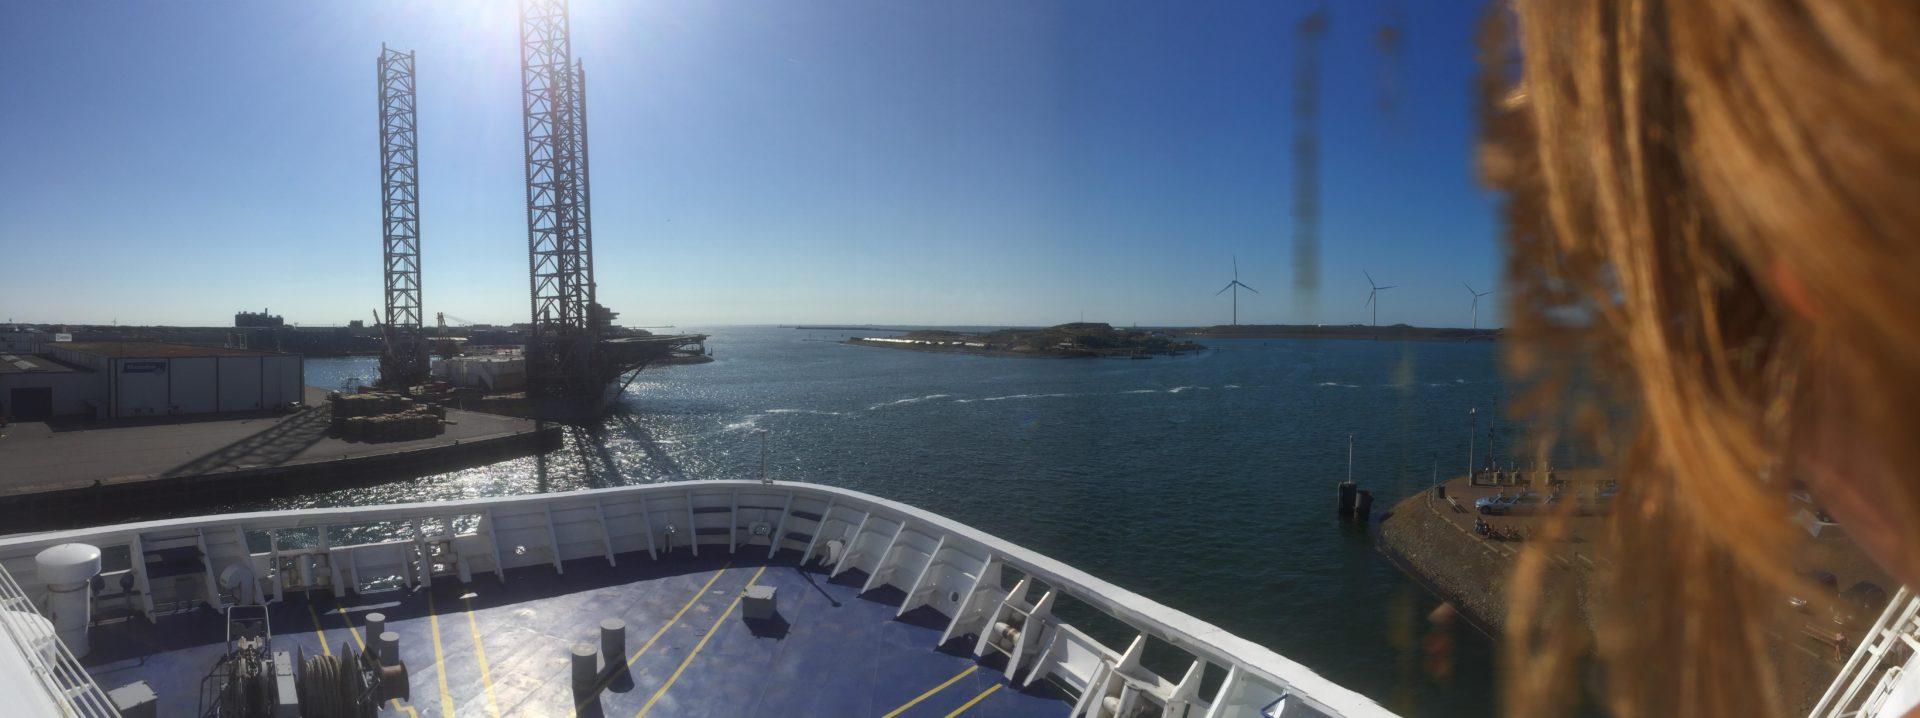 Op reis- Ontmoeting op zee